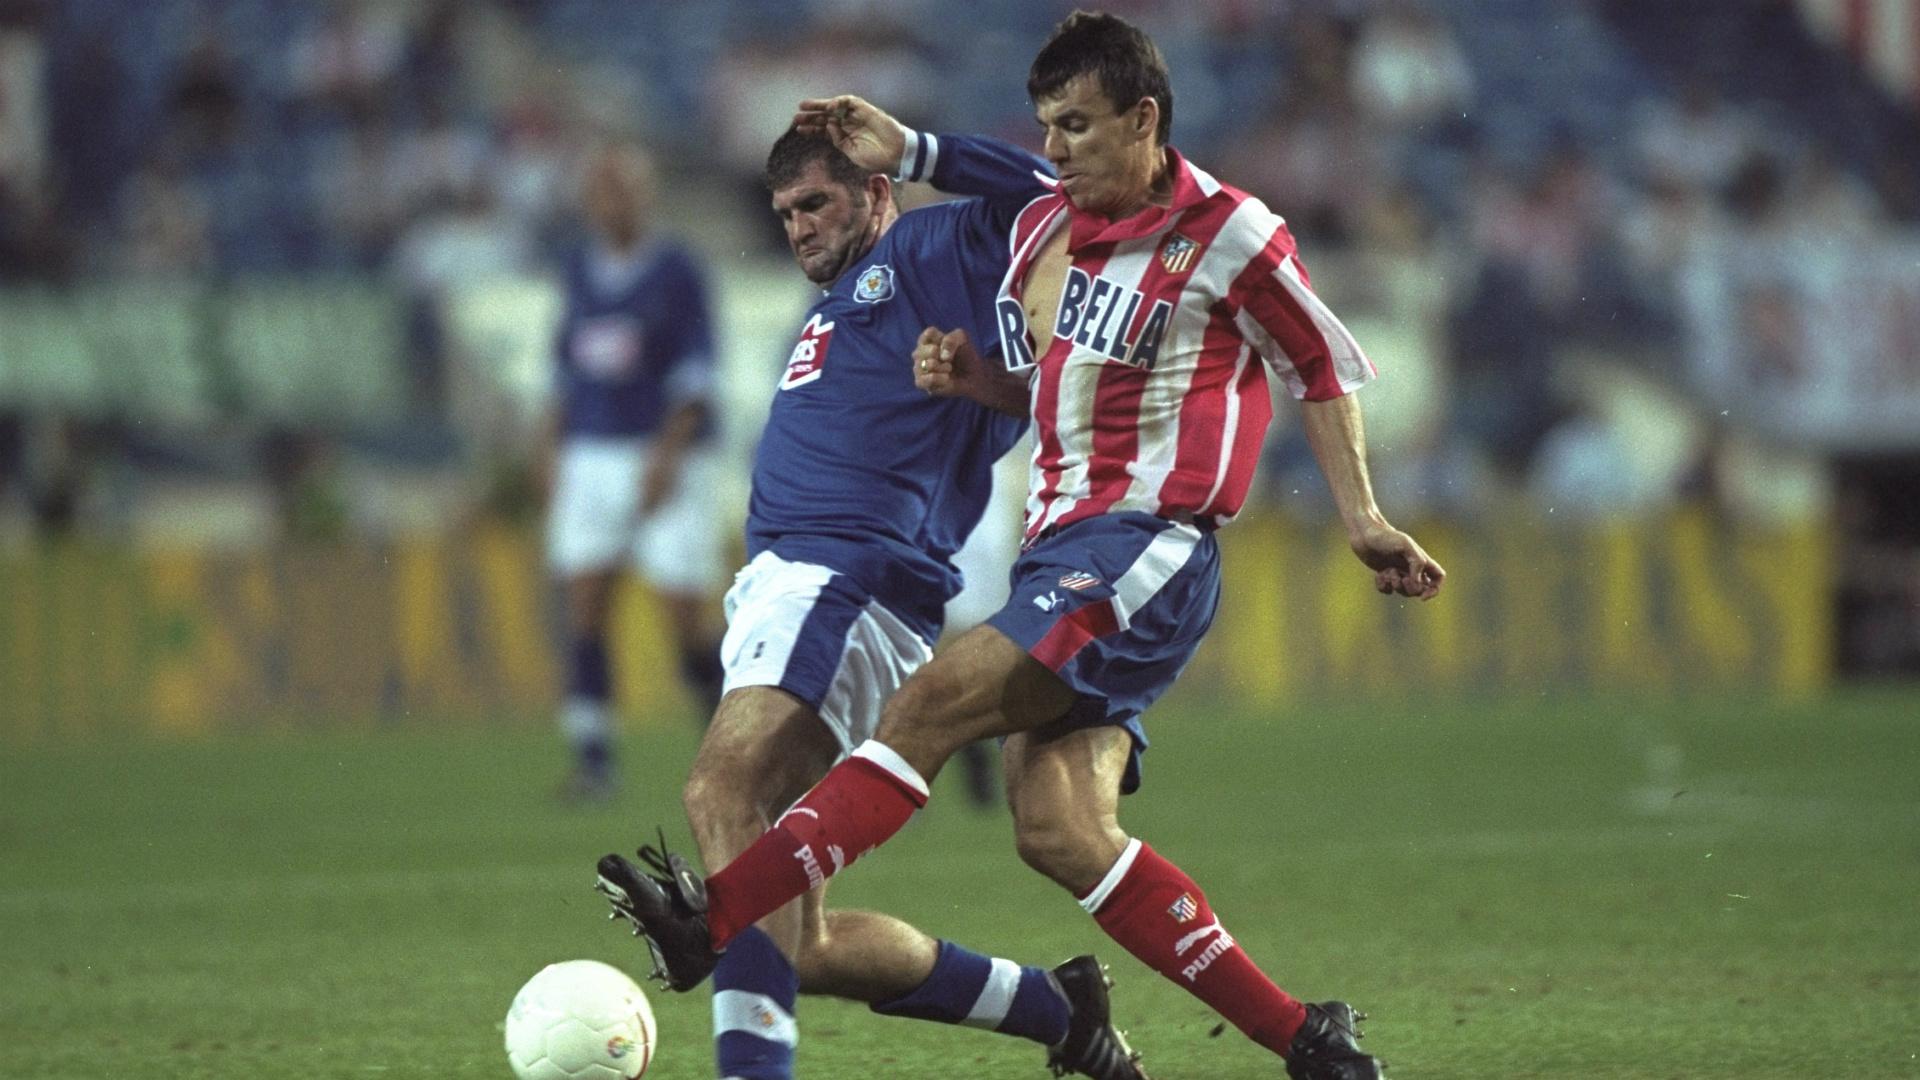 Calcio in lutto: è morto Prodan ex difensore del Messina